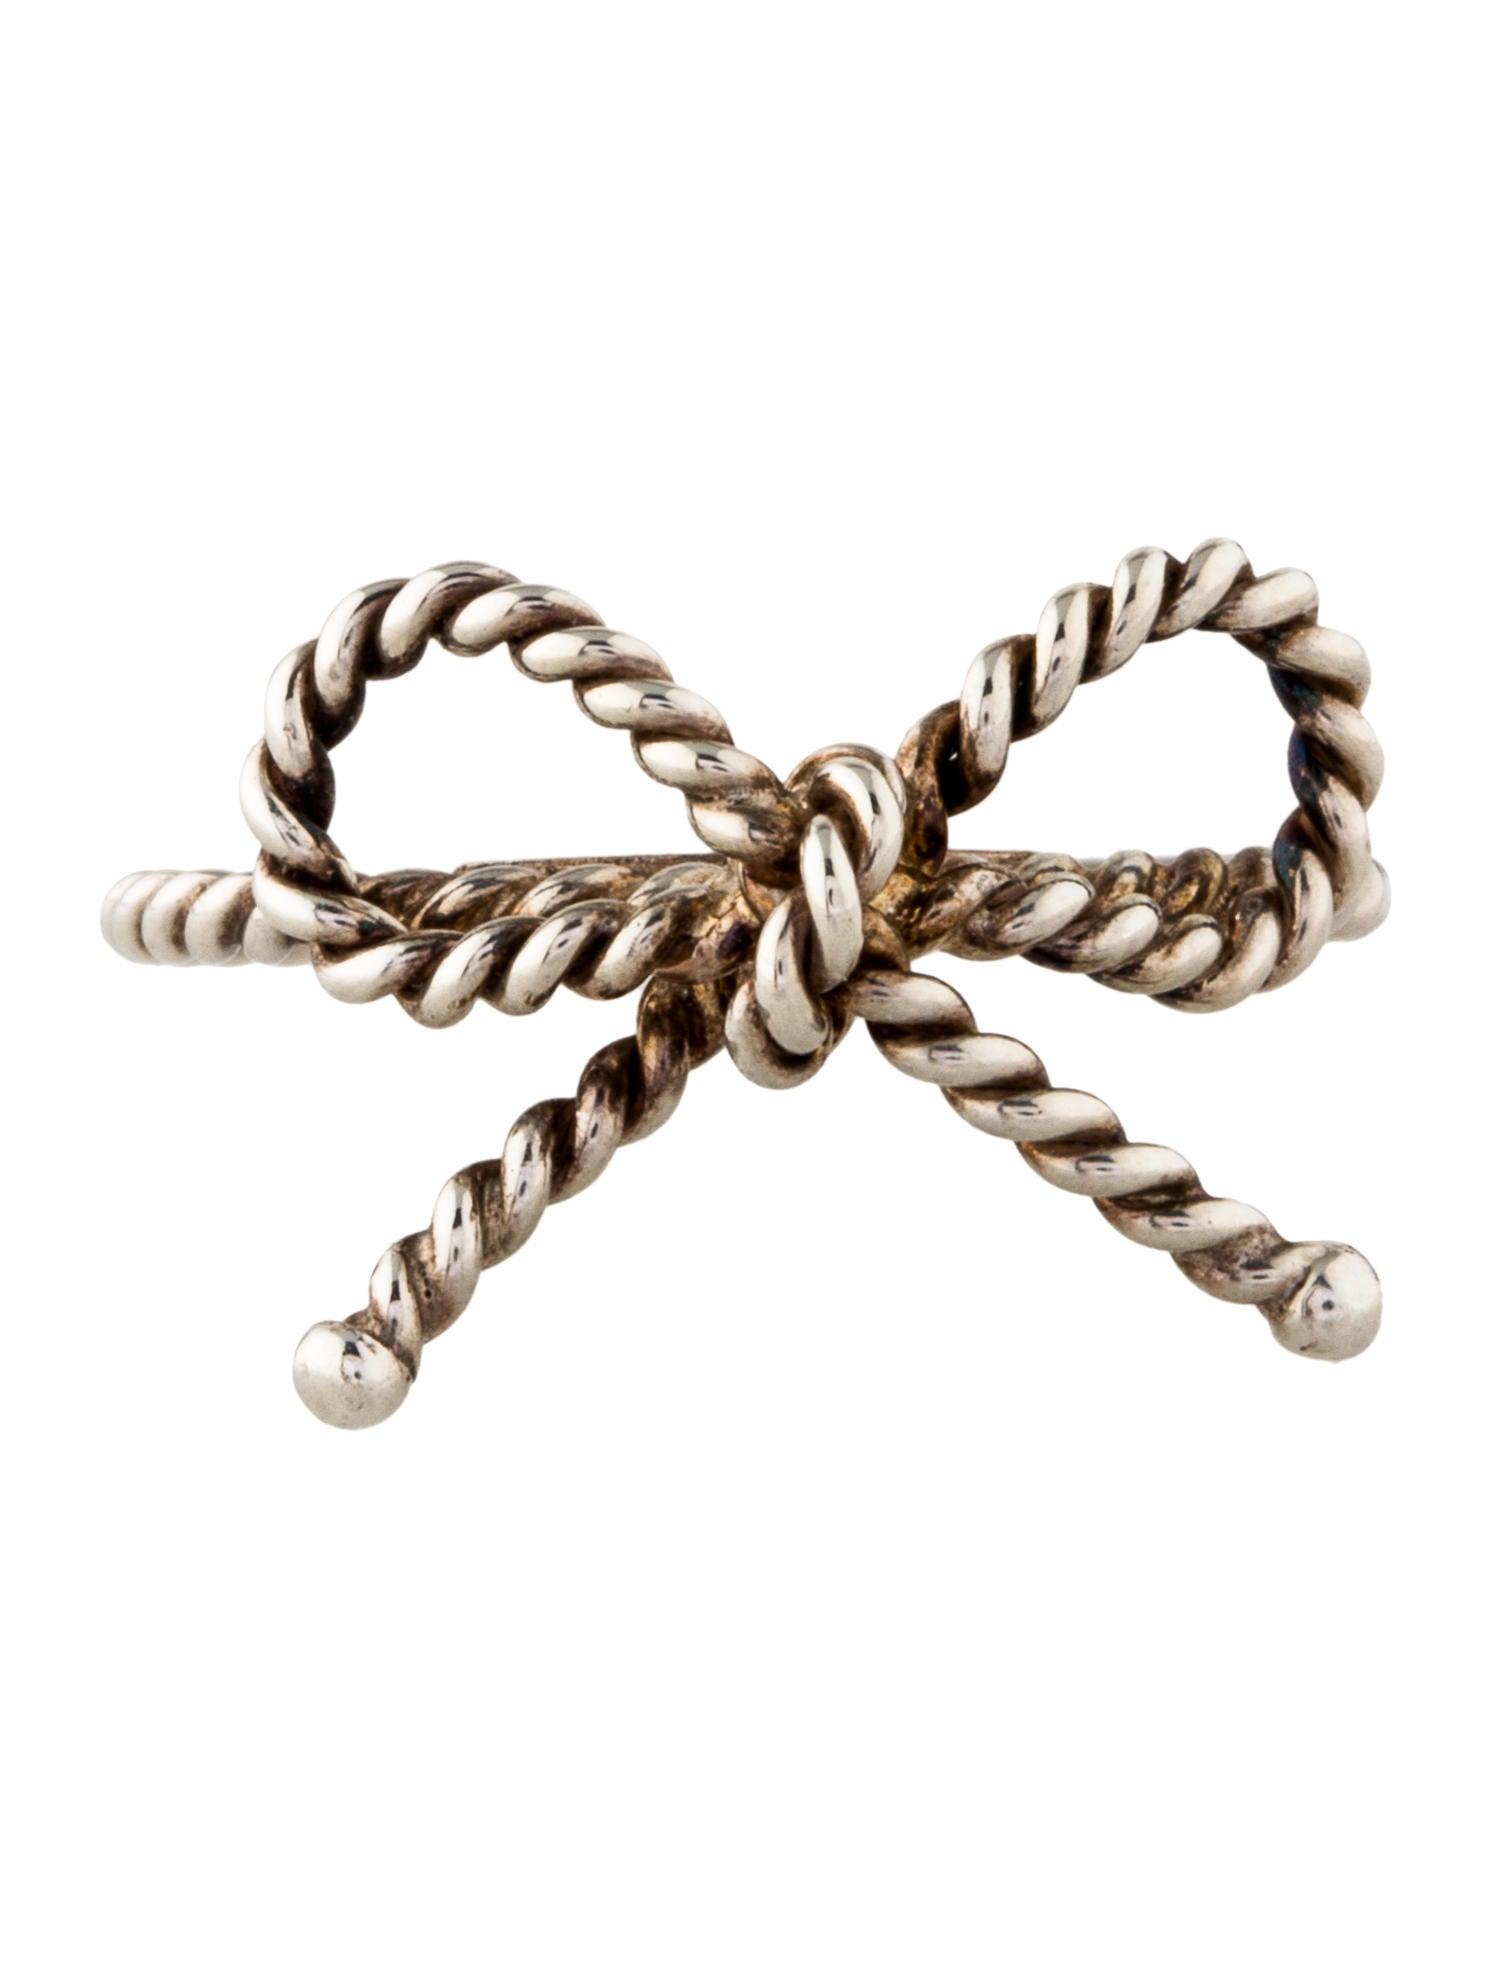 Ring Bow Il Gioiello Personalizzabile Con La Tua Nailart: Tiffany & Co. Twist Bow Cocktail Ring